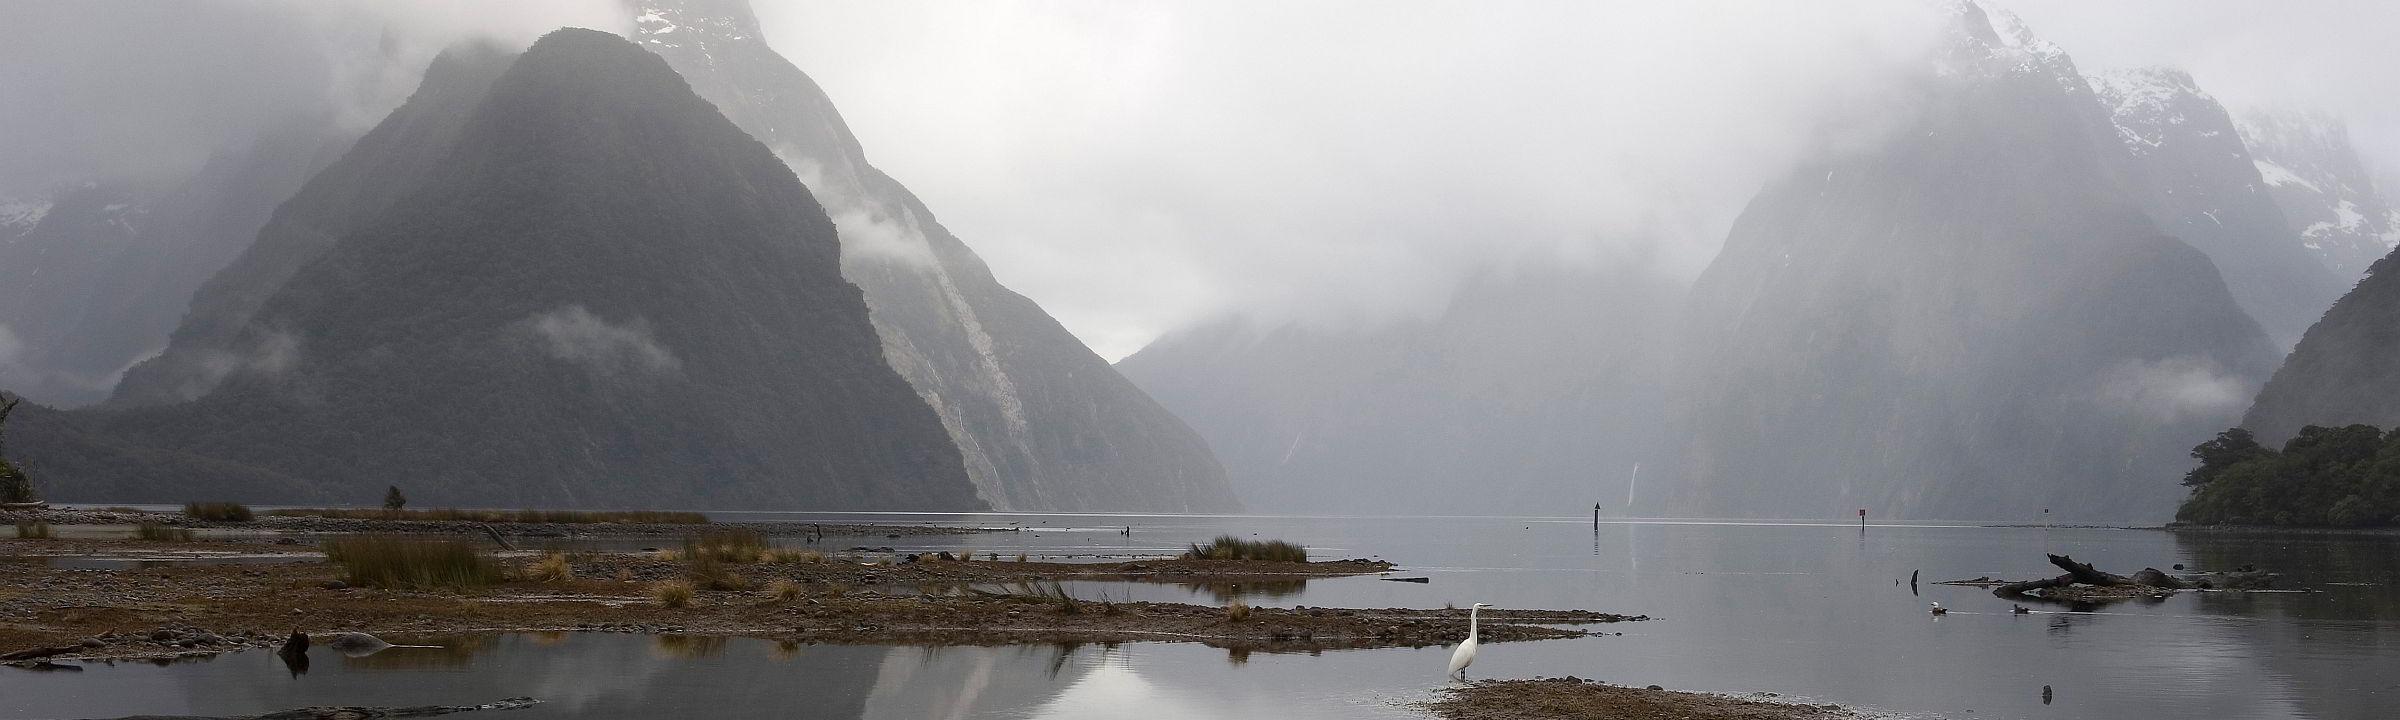 Aussicht auf den Milford Sound in Fiordland Neuseeland